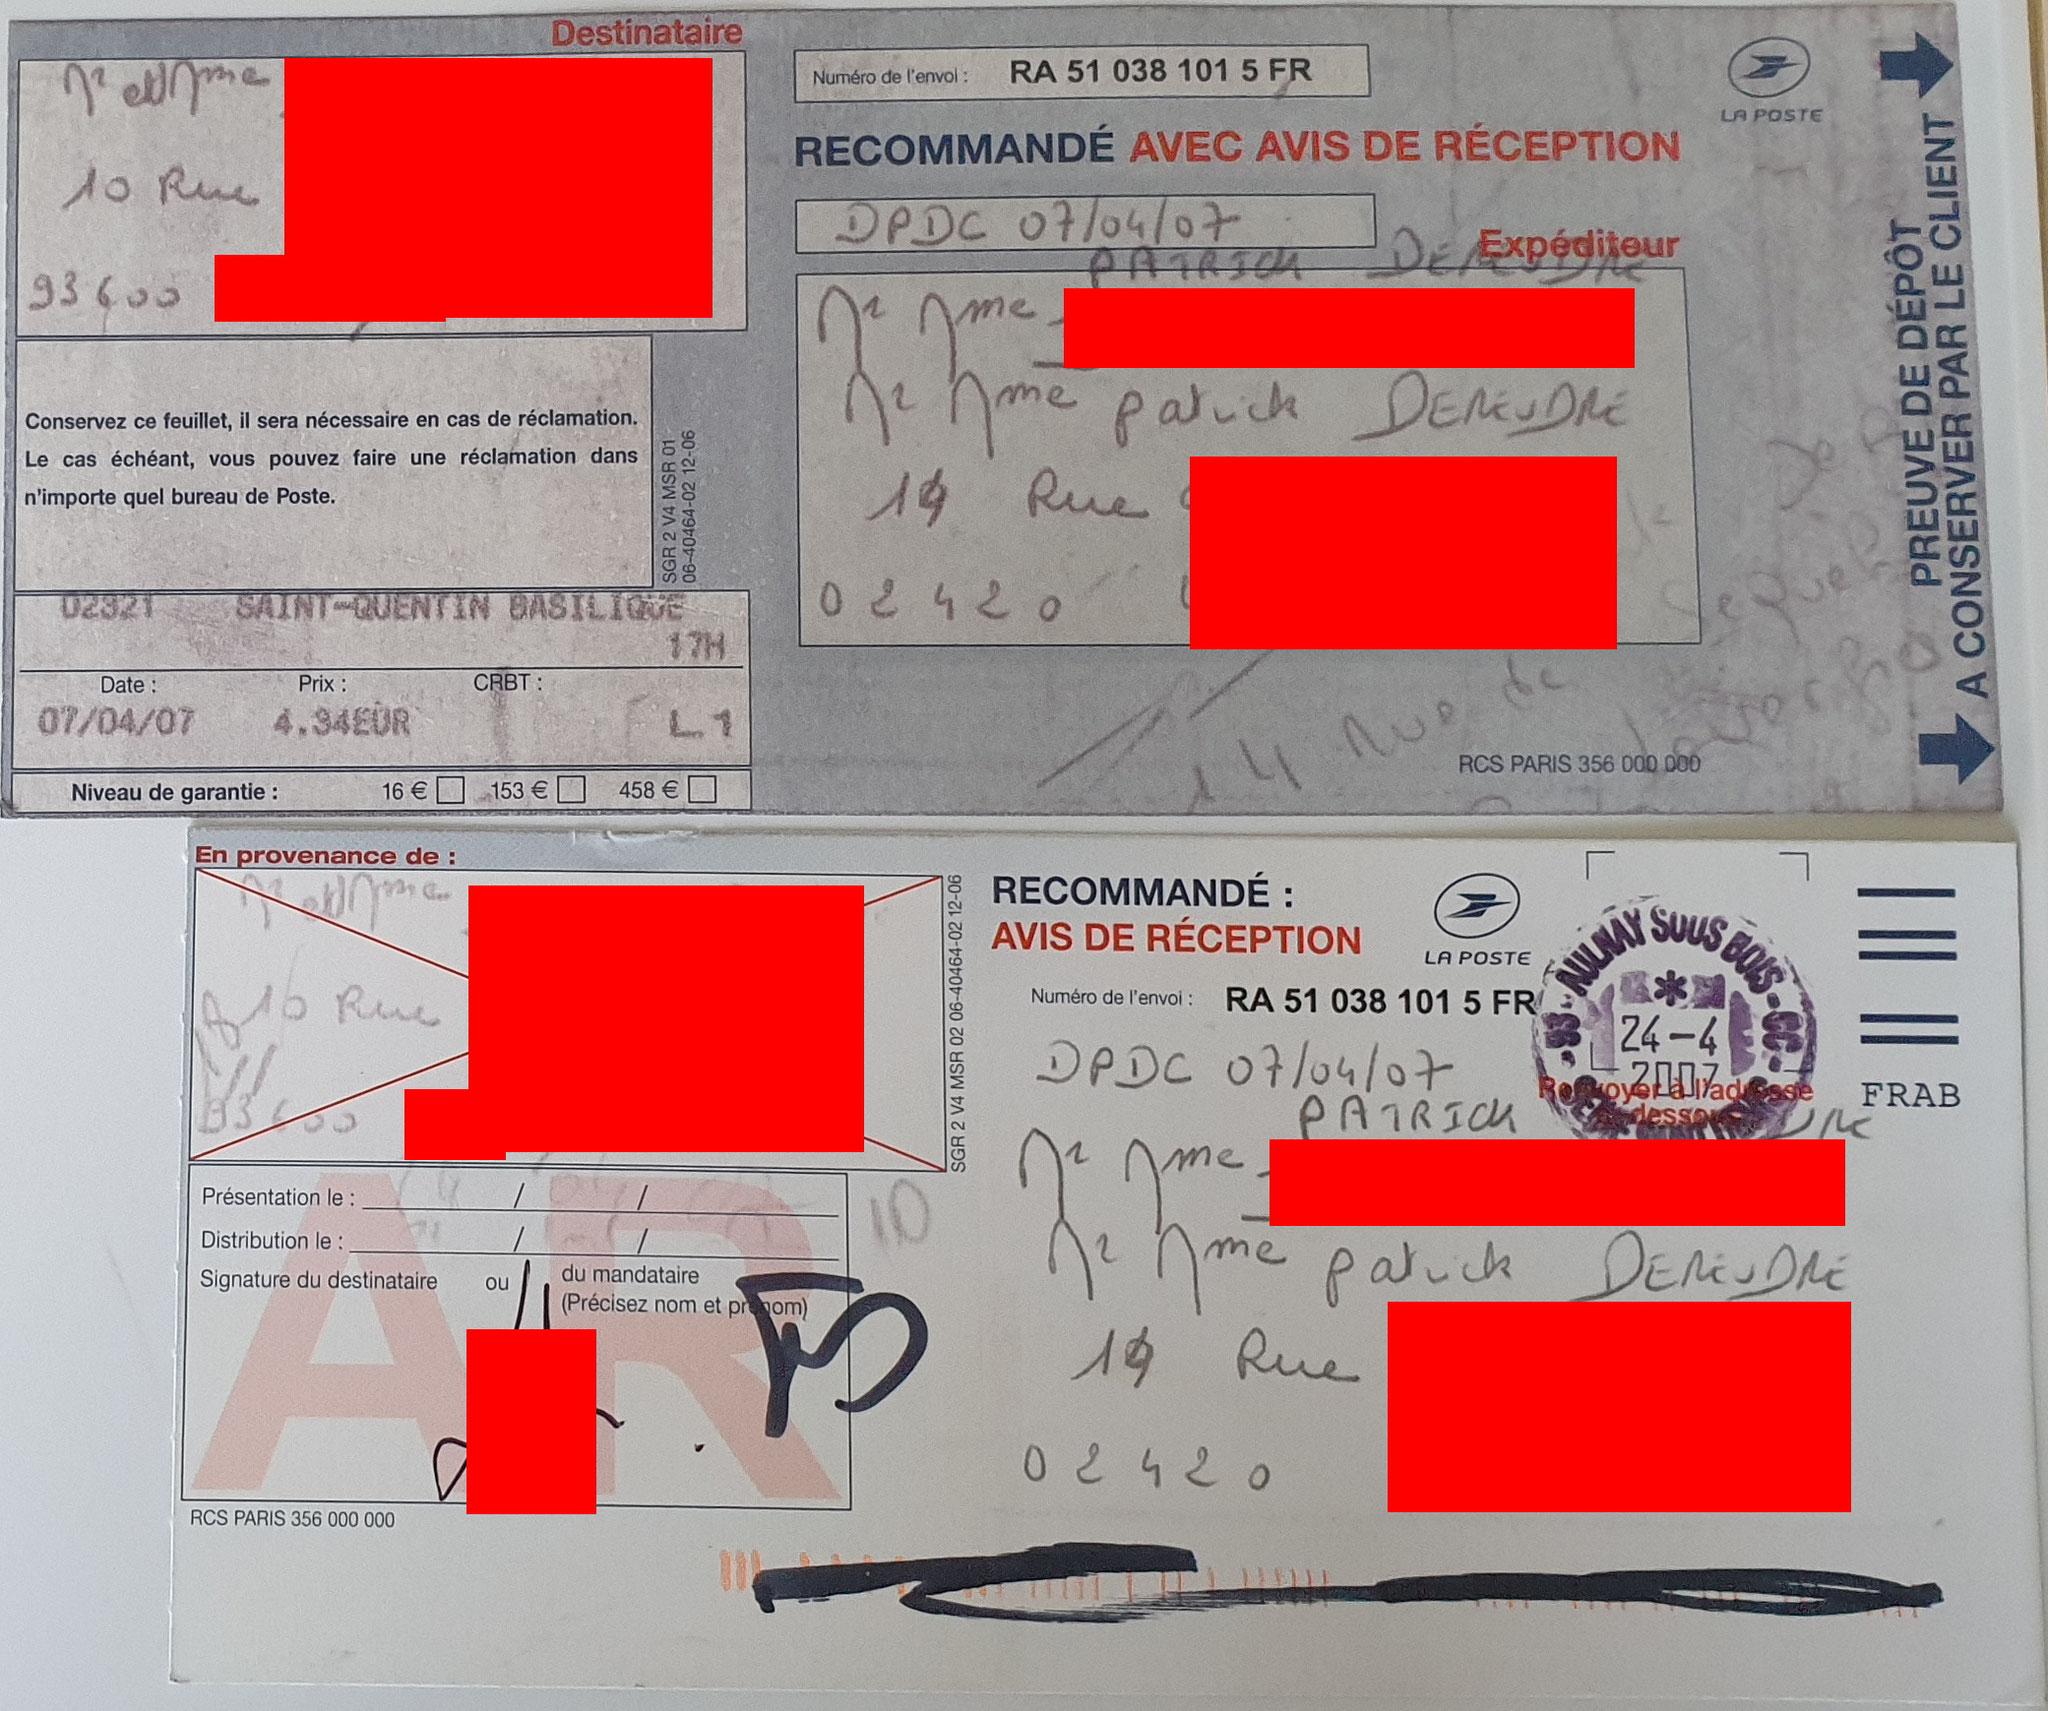 Notre Première Lettre Recommandée Avec accusé de Réception  N° RA 51 038 101 5 FR du 07 Avril 2007 à nos chers voisins www.jesuisvictime.fr www.jesuispatrick.fr www.jenesuispasunchien.fr PARJURE & CORRUPTION